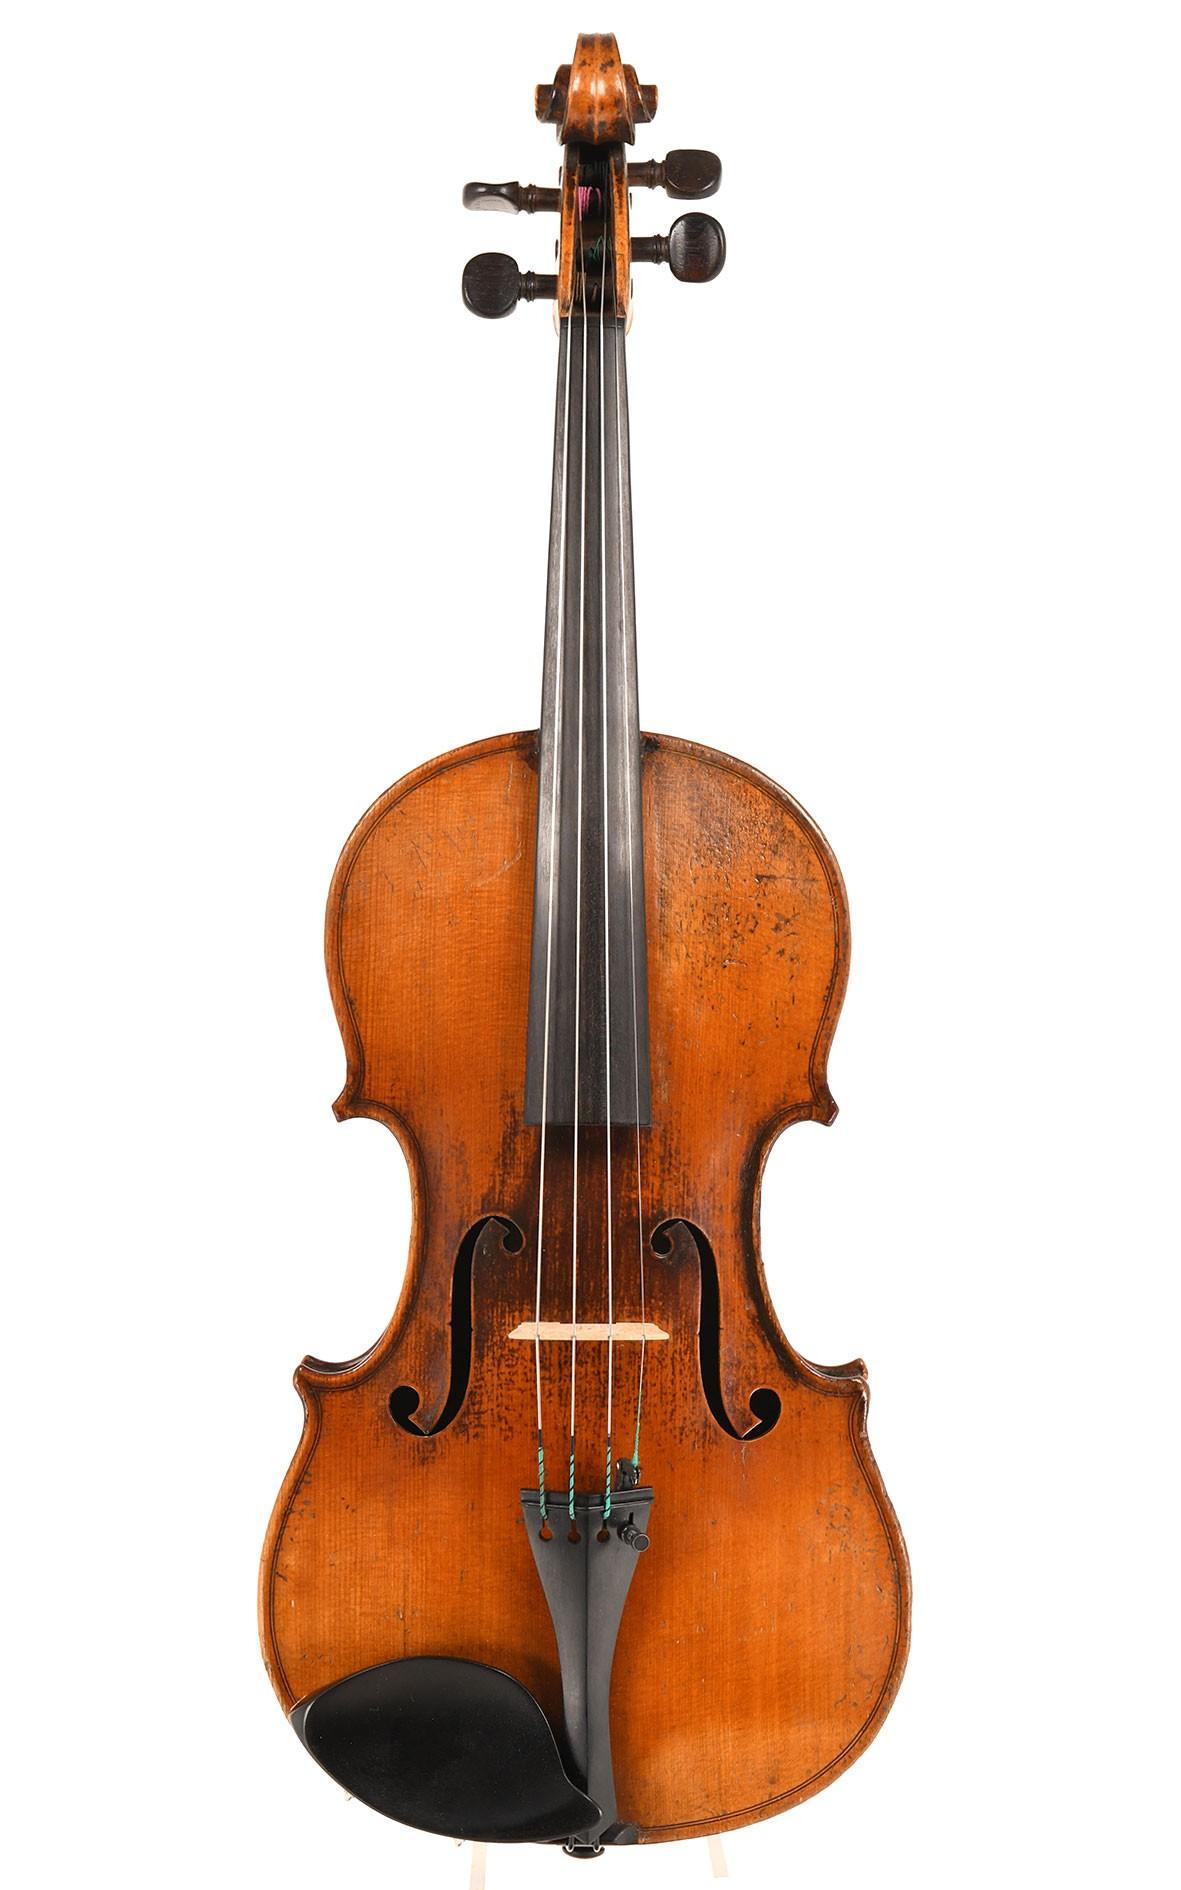 Rare violin by Nicolas Mauchant-Vaudel, circa 1840